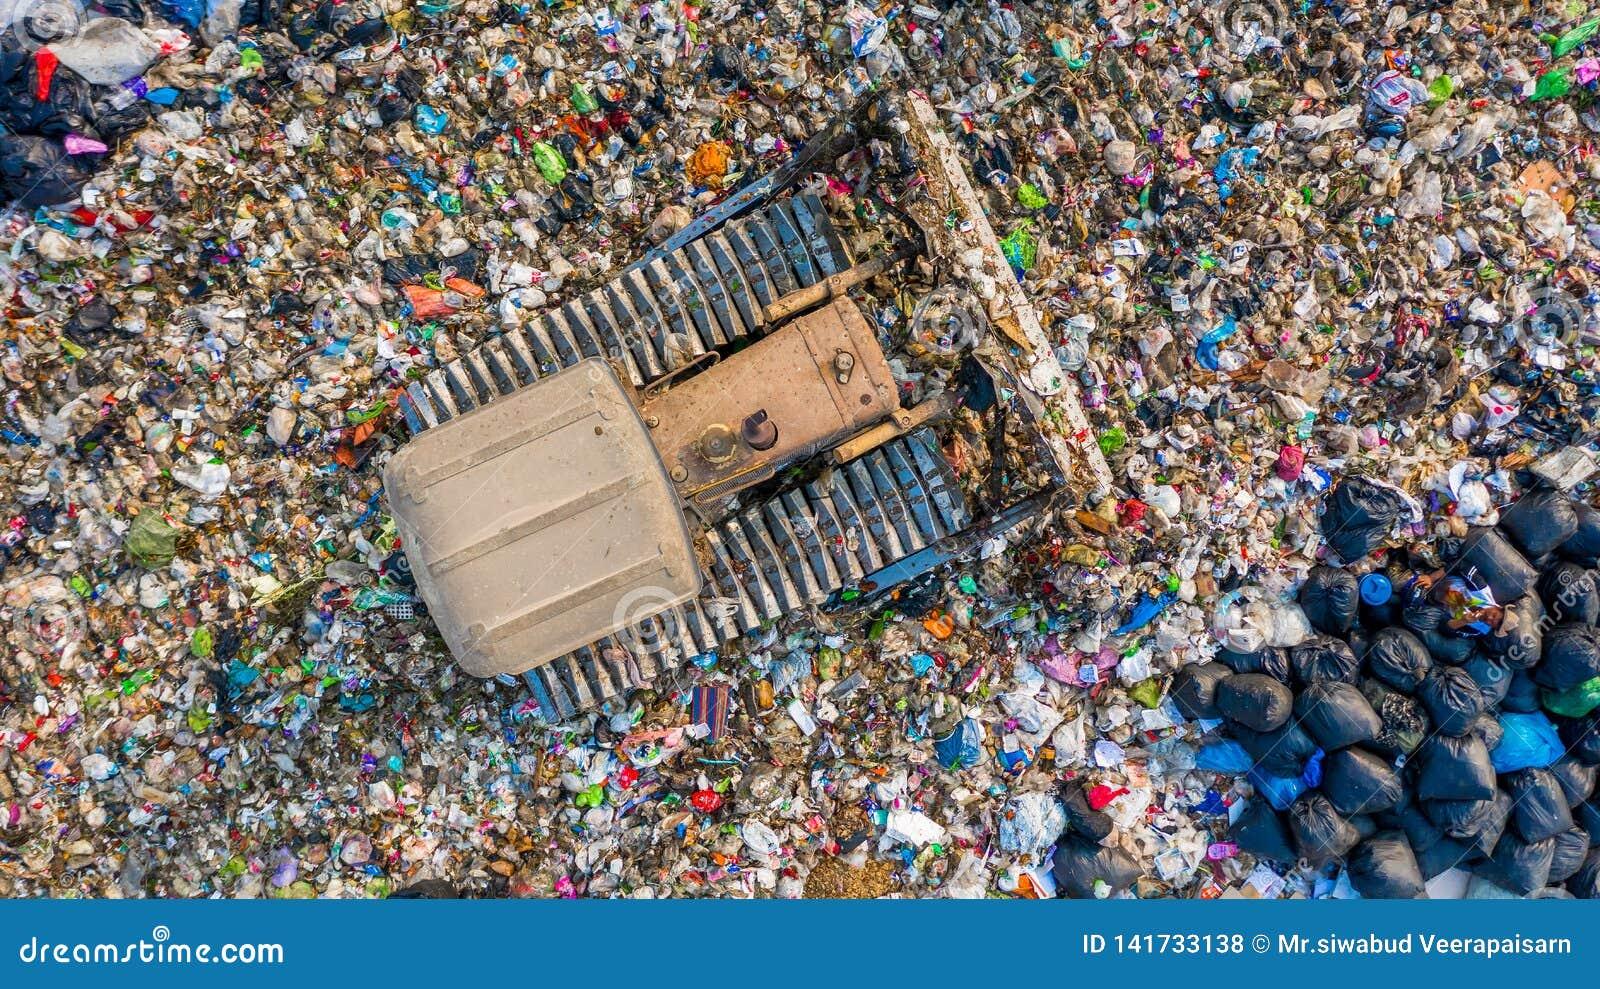 Ο σωρός απορριμάτων στην απόρριψη ή τα υλικά οδόστρωσης απορριμμάτων, εναέρια φορτηγά απορριμάτων άποψης ξεφορτώνει τα απορρίματα